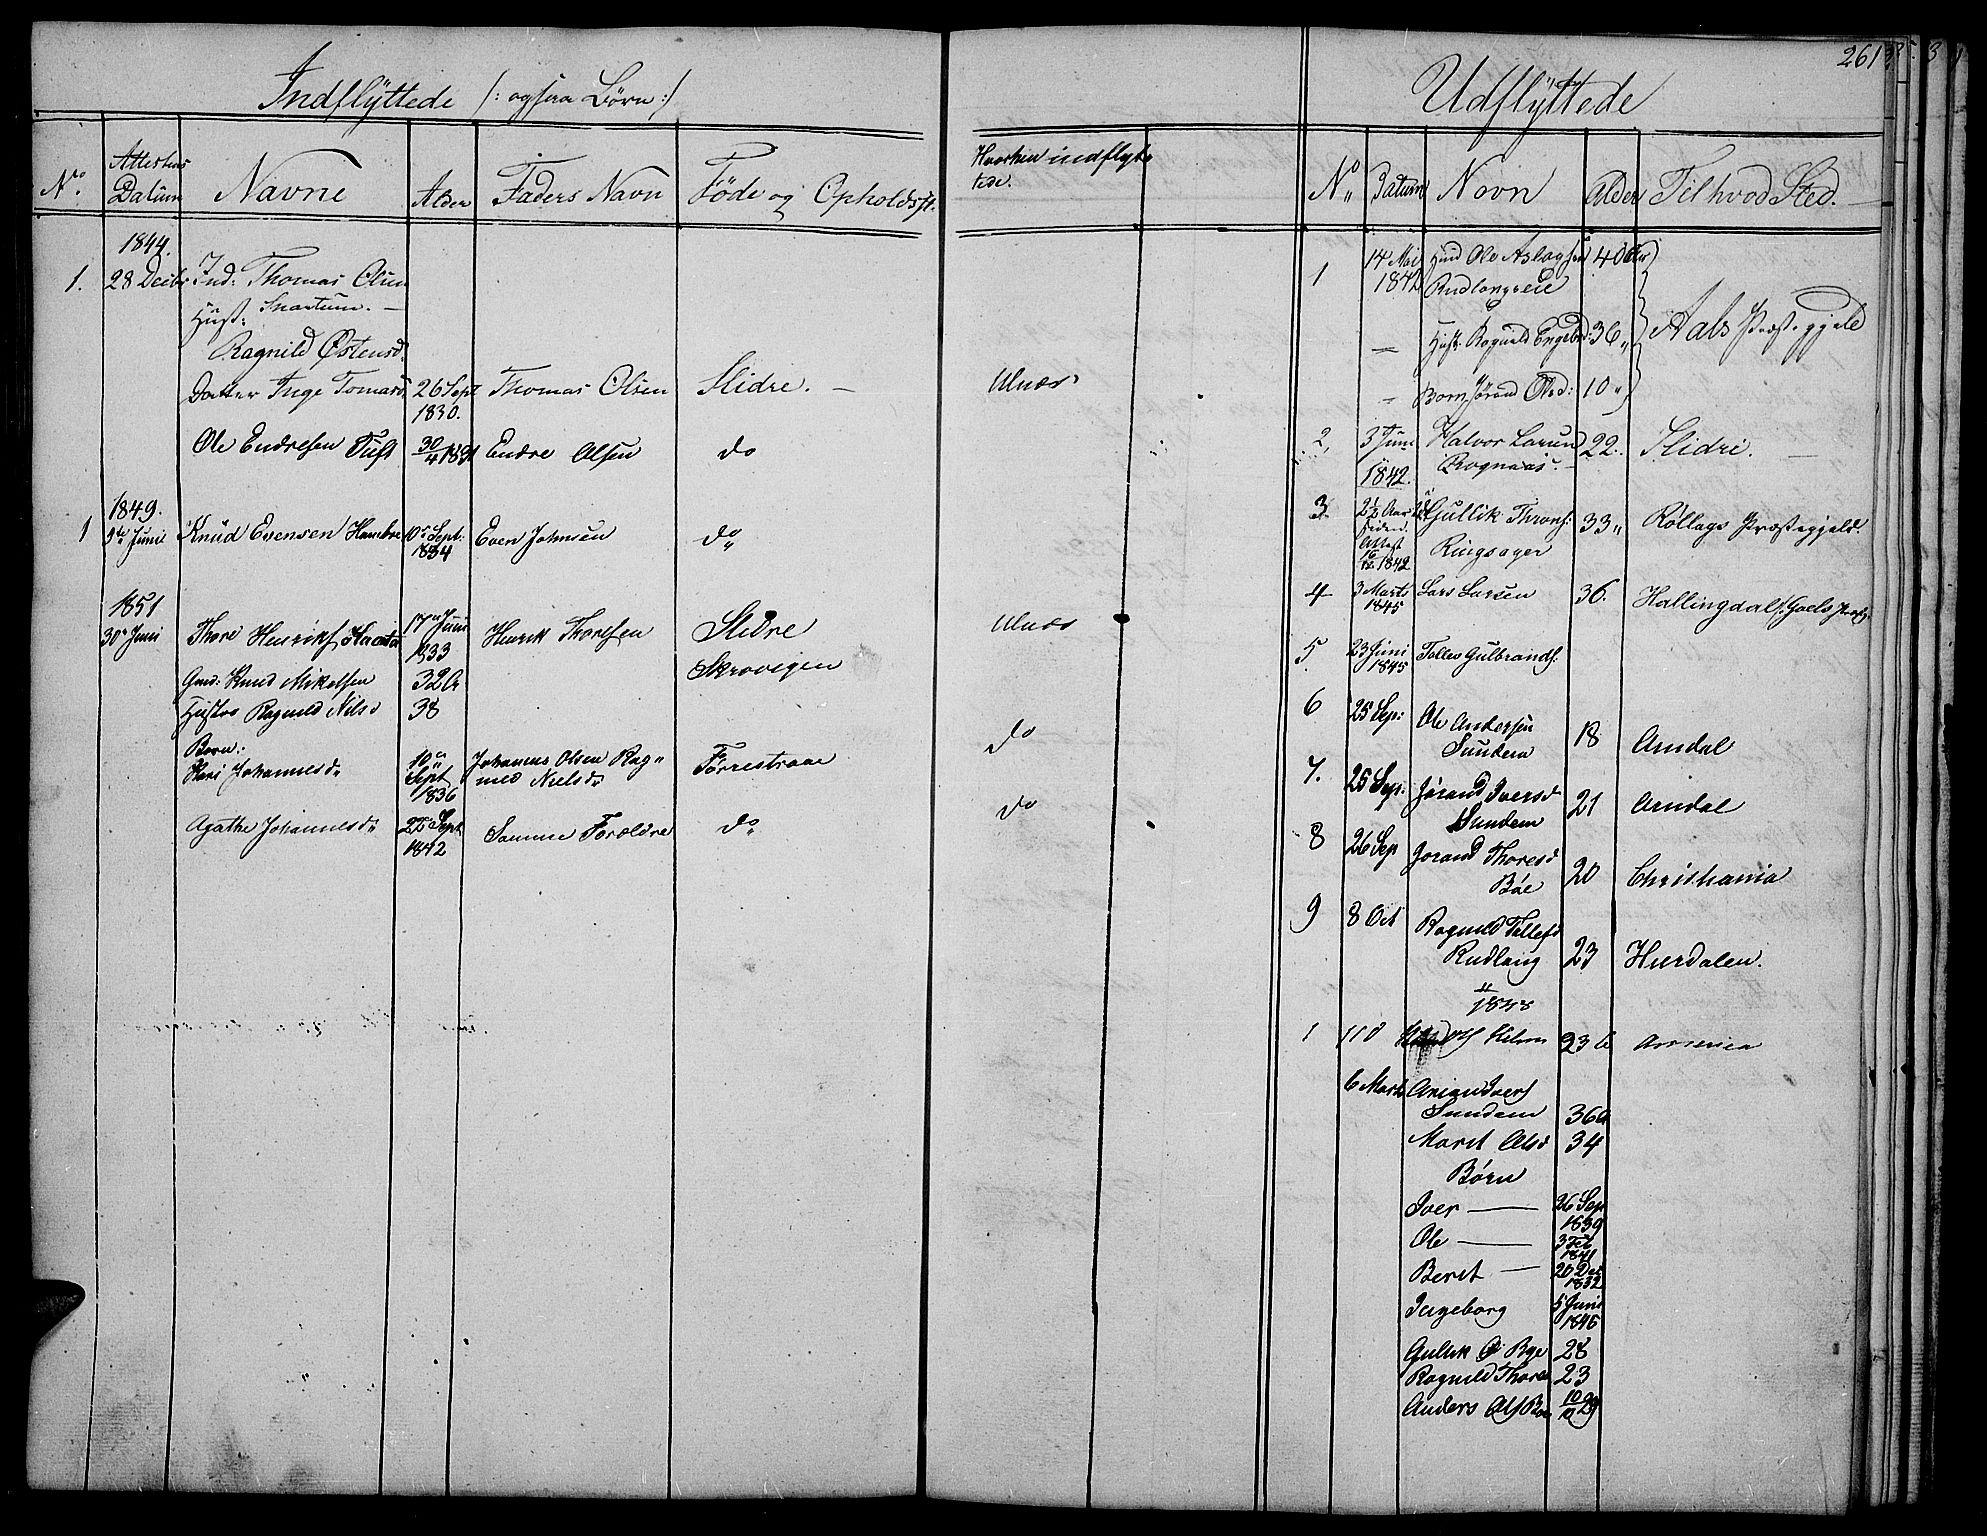 SAH, Nord-Aurdal prestekontor, Klokkerbok nr. 4, 1842-1882, s. 261